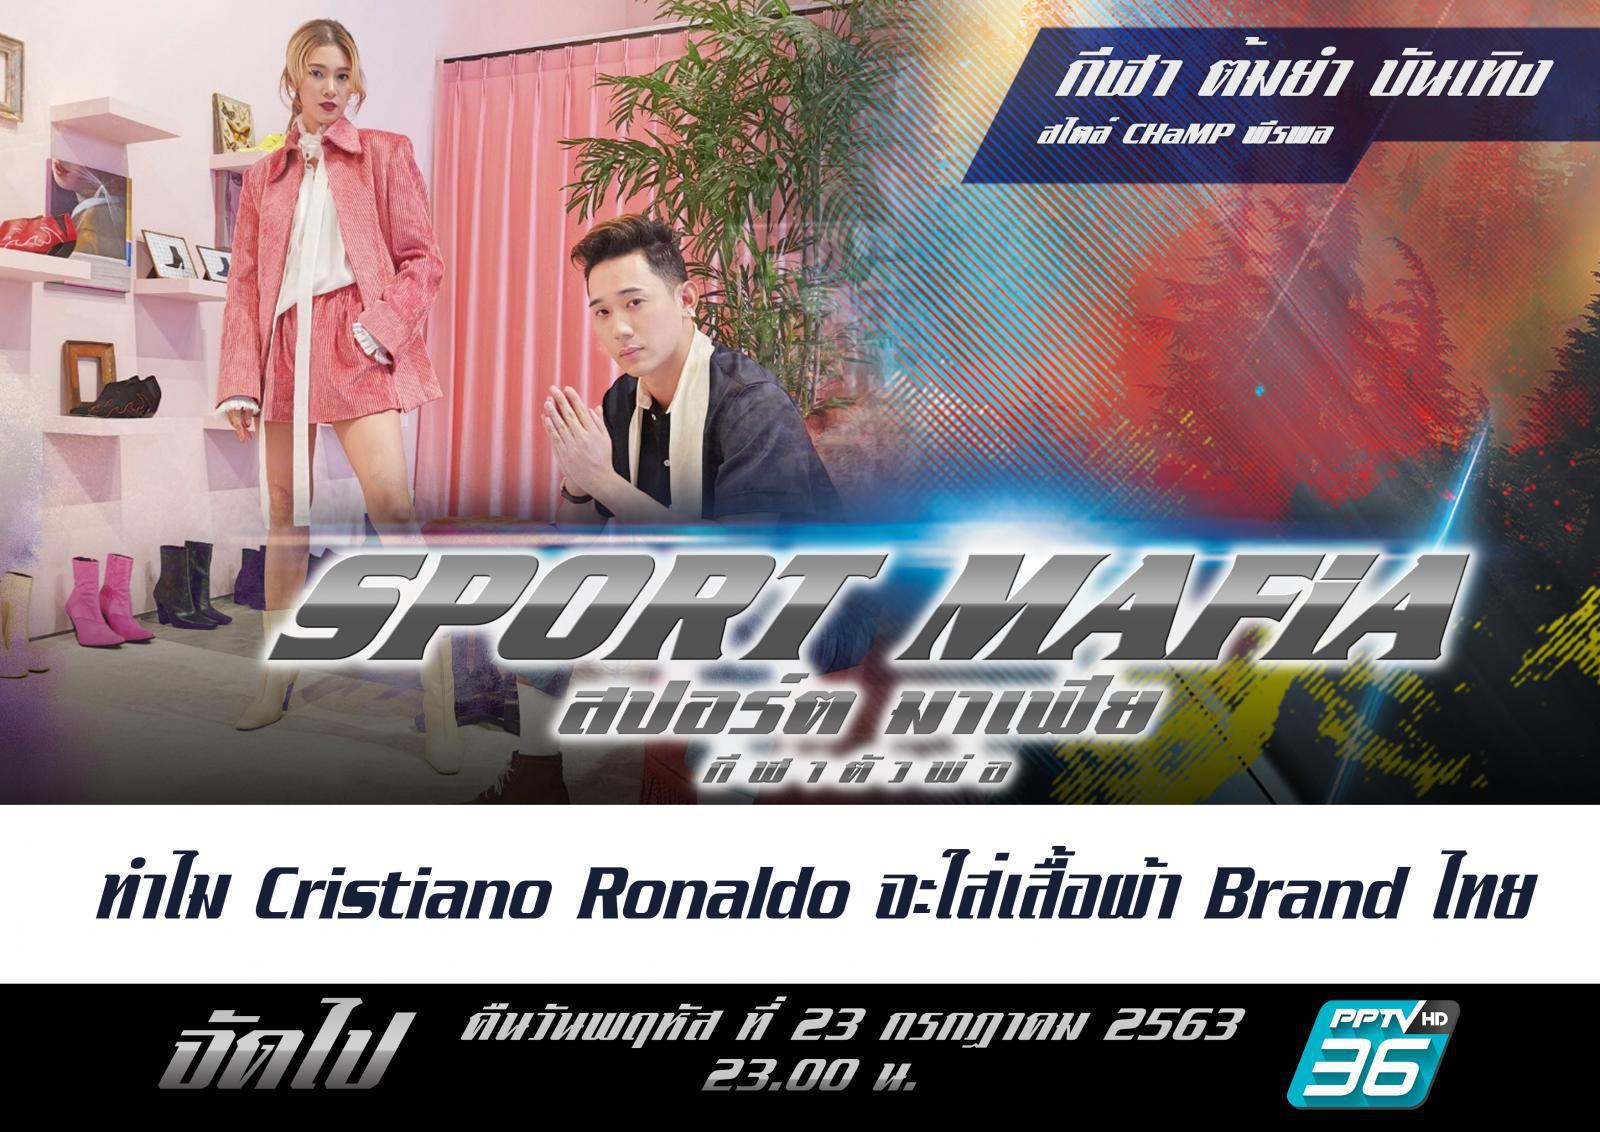 ทำไม Cristiano Ronaldo จะใส่เสื้อผ้า Brand ไทย